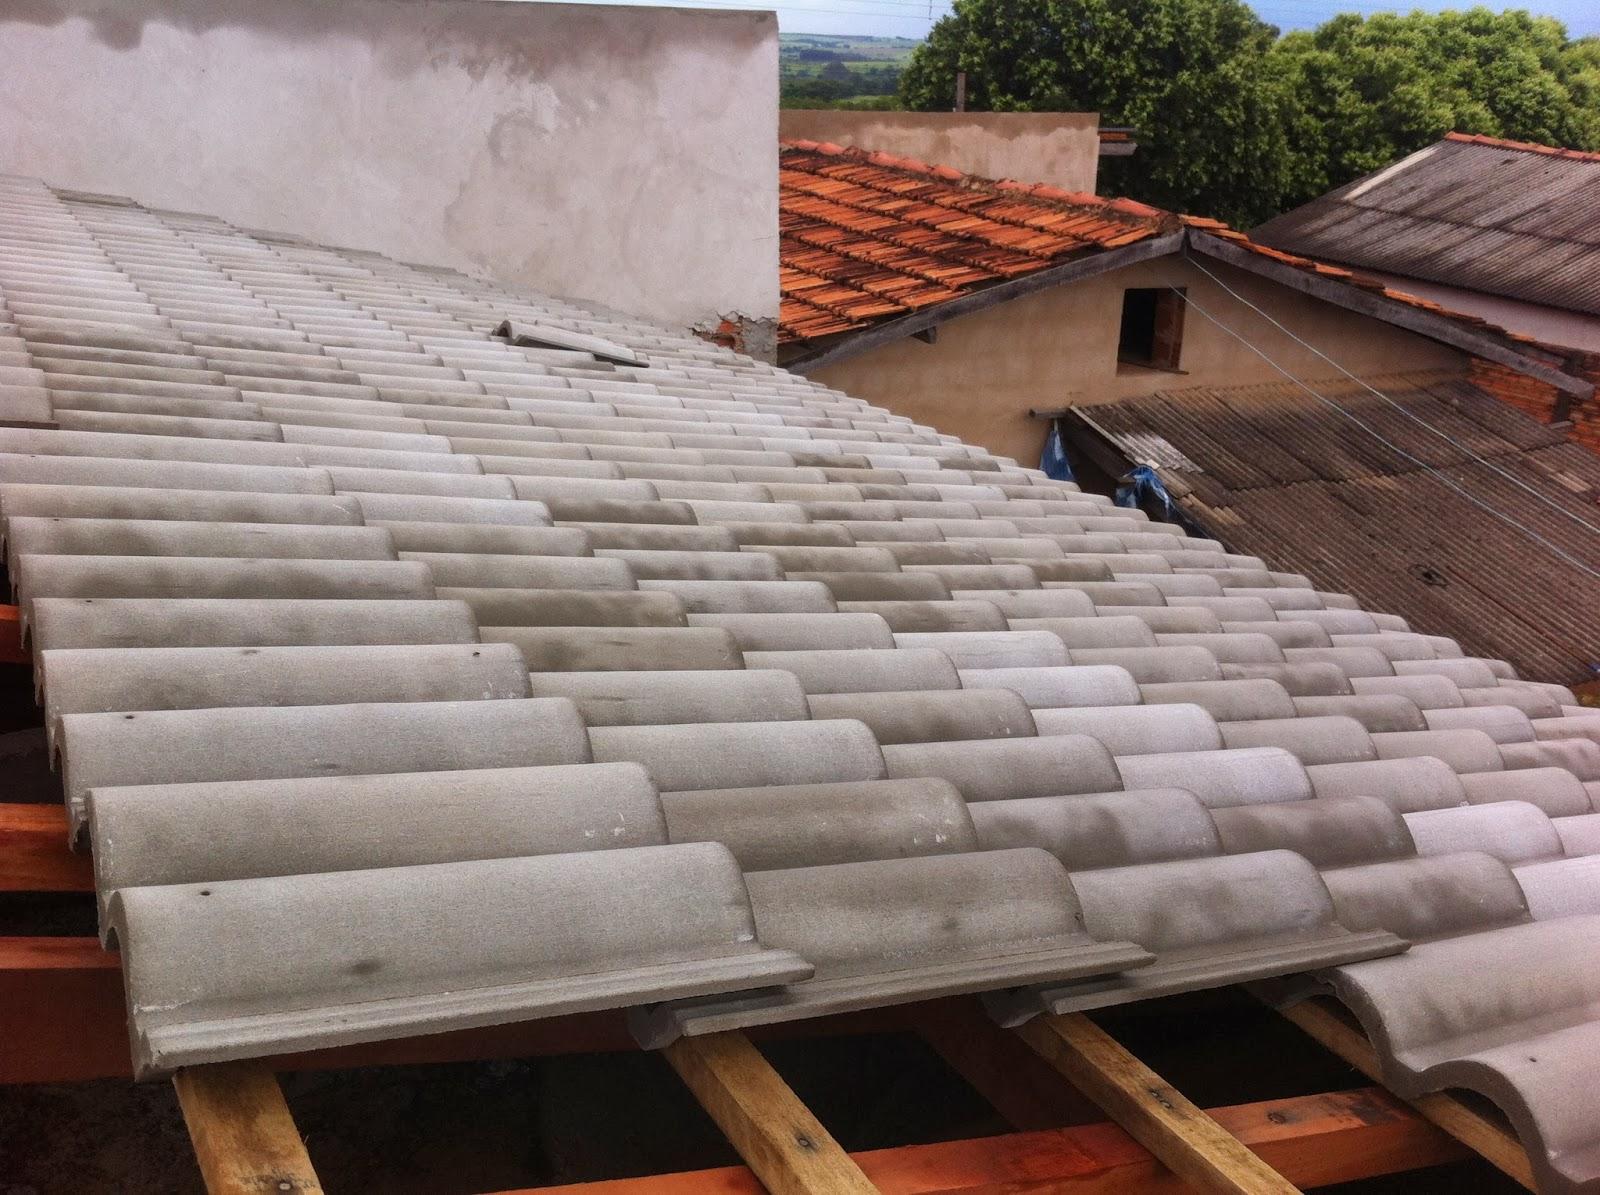 fotinha na frente da casa kkkk em cima da futura sala de estar #975334 1600 1195